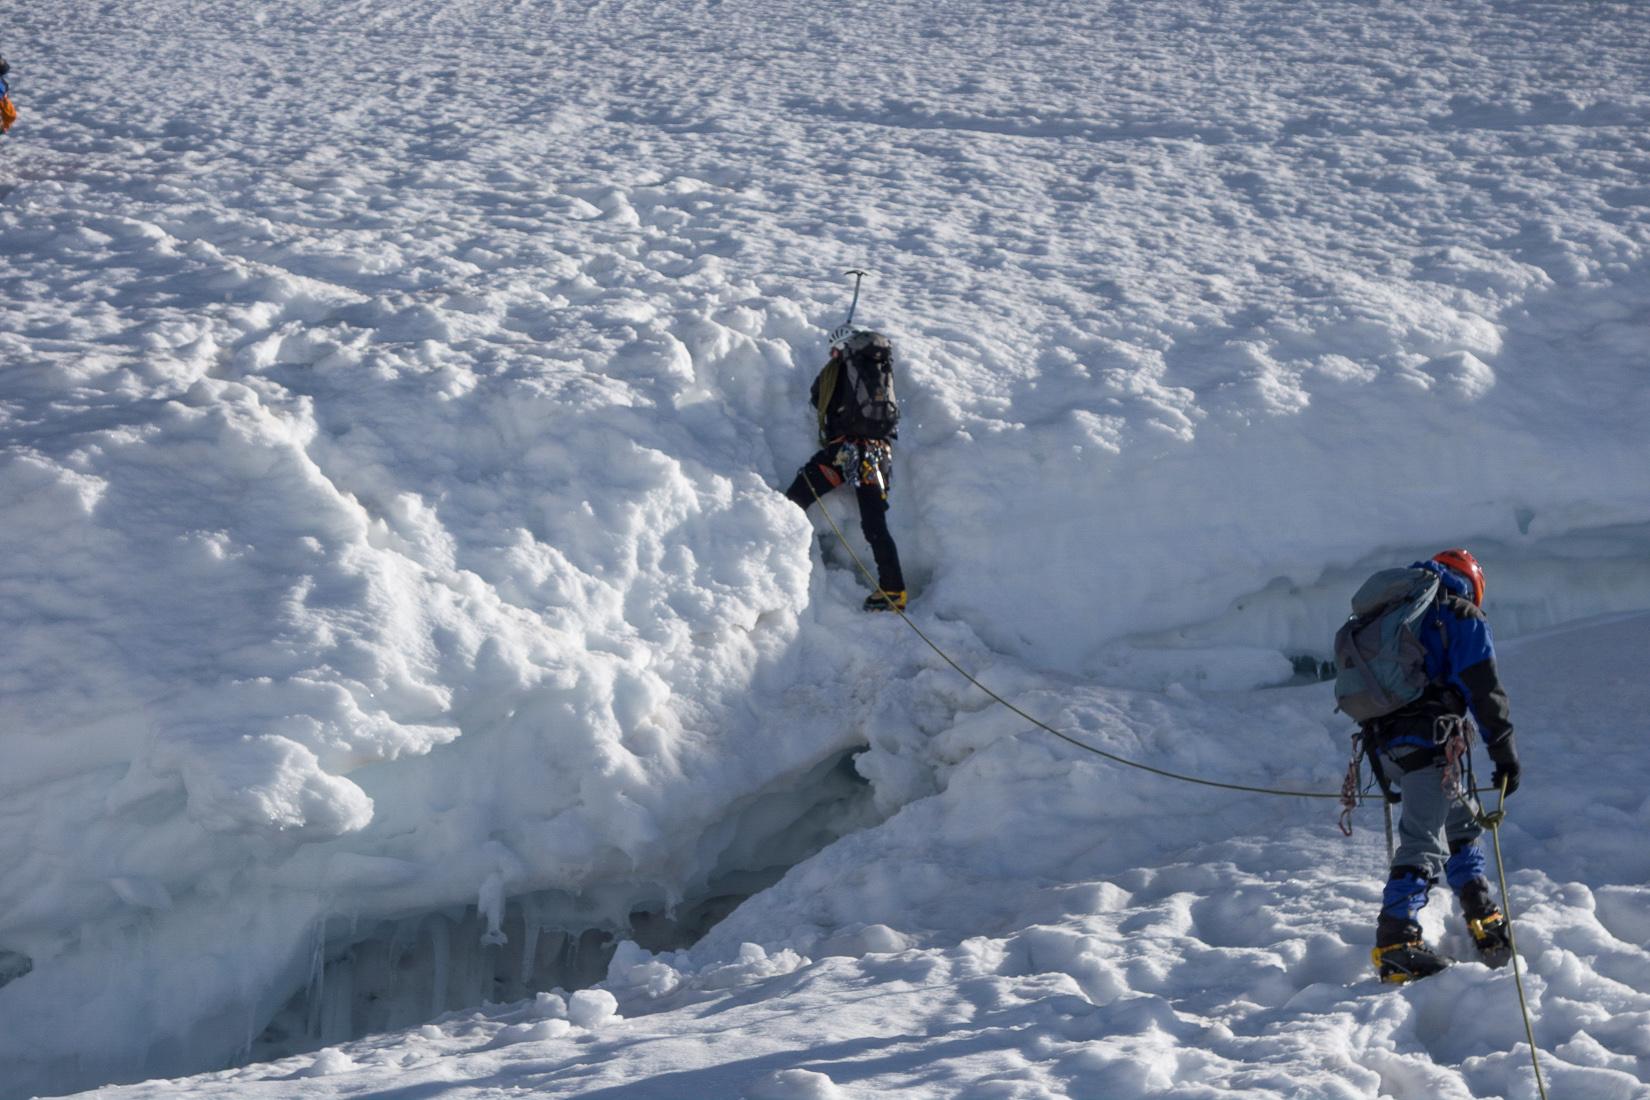 Climbing the bergschrund